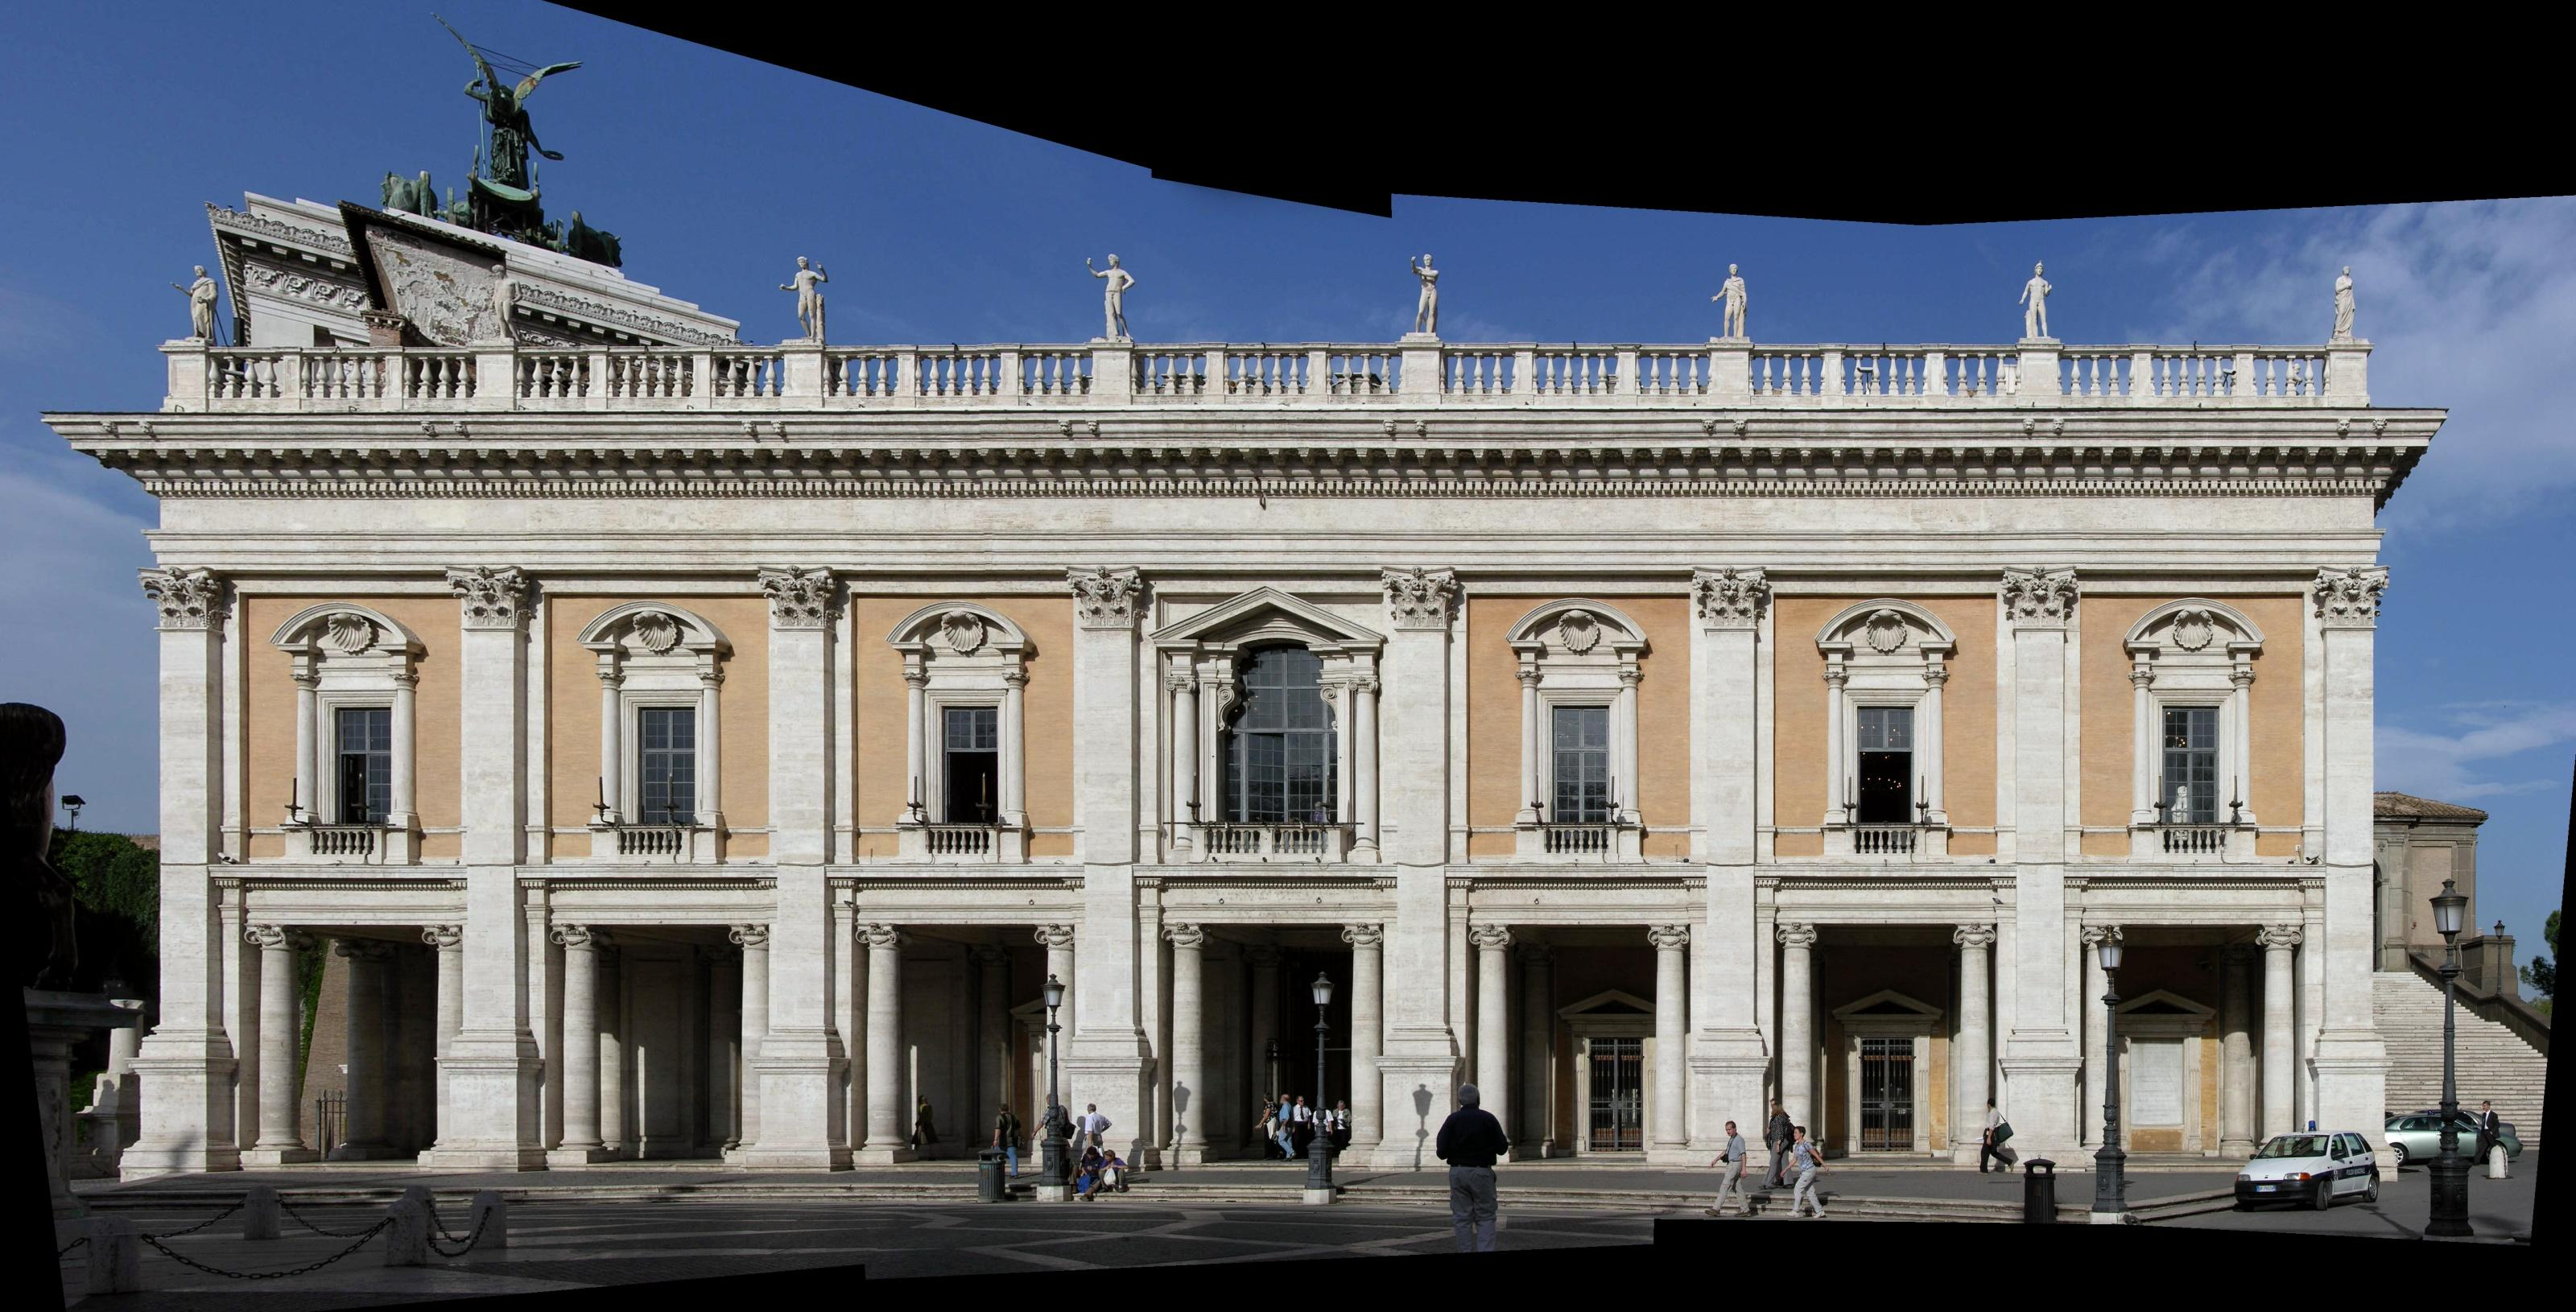 capitoline-museum-full